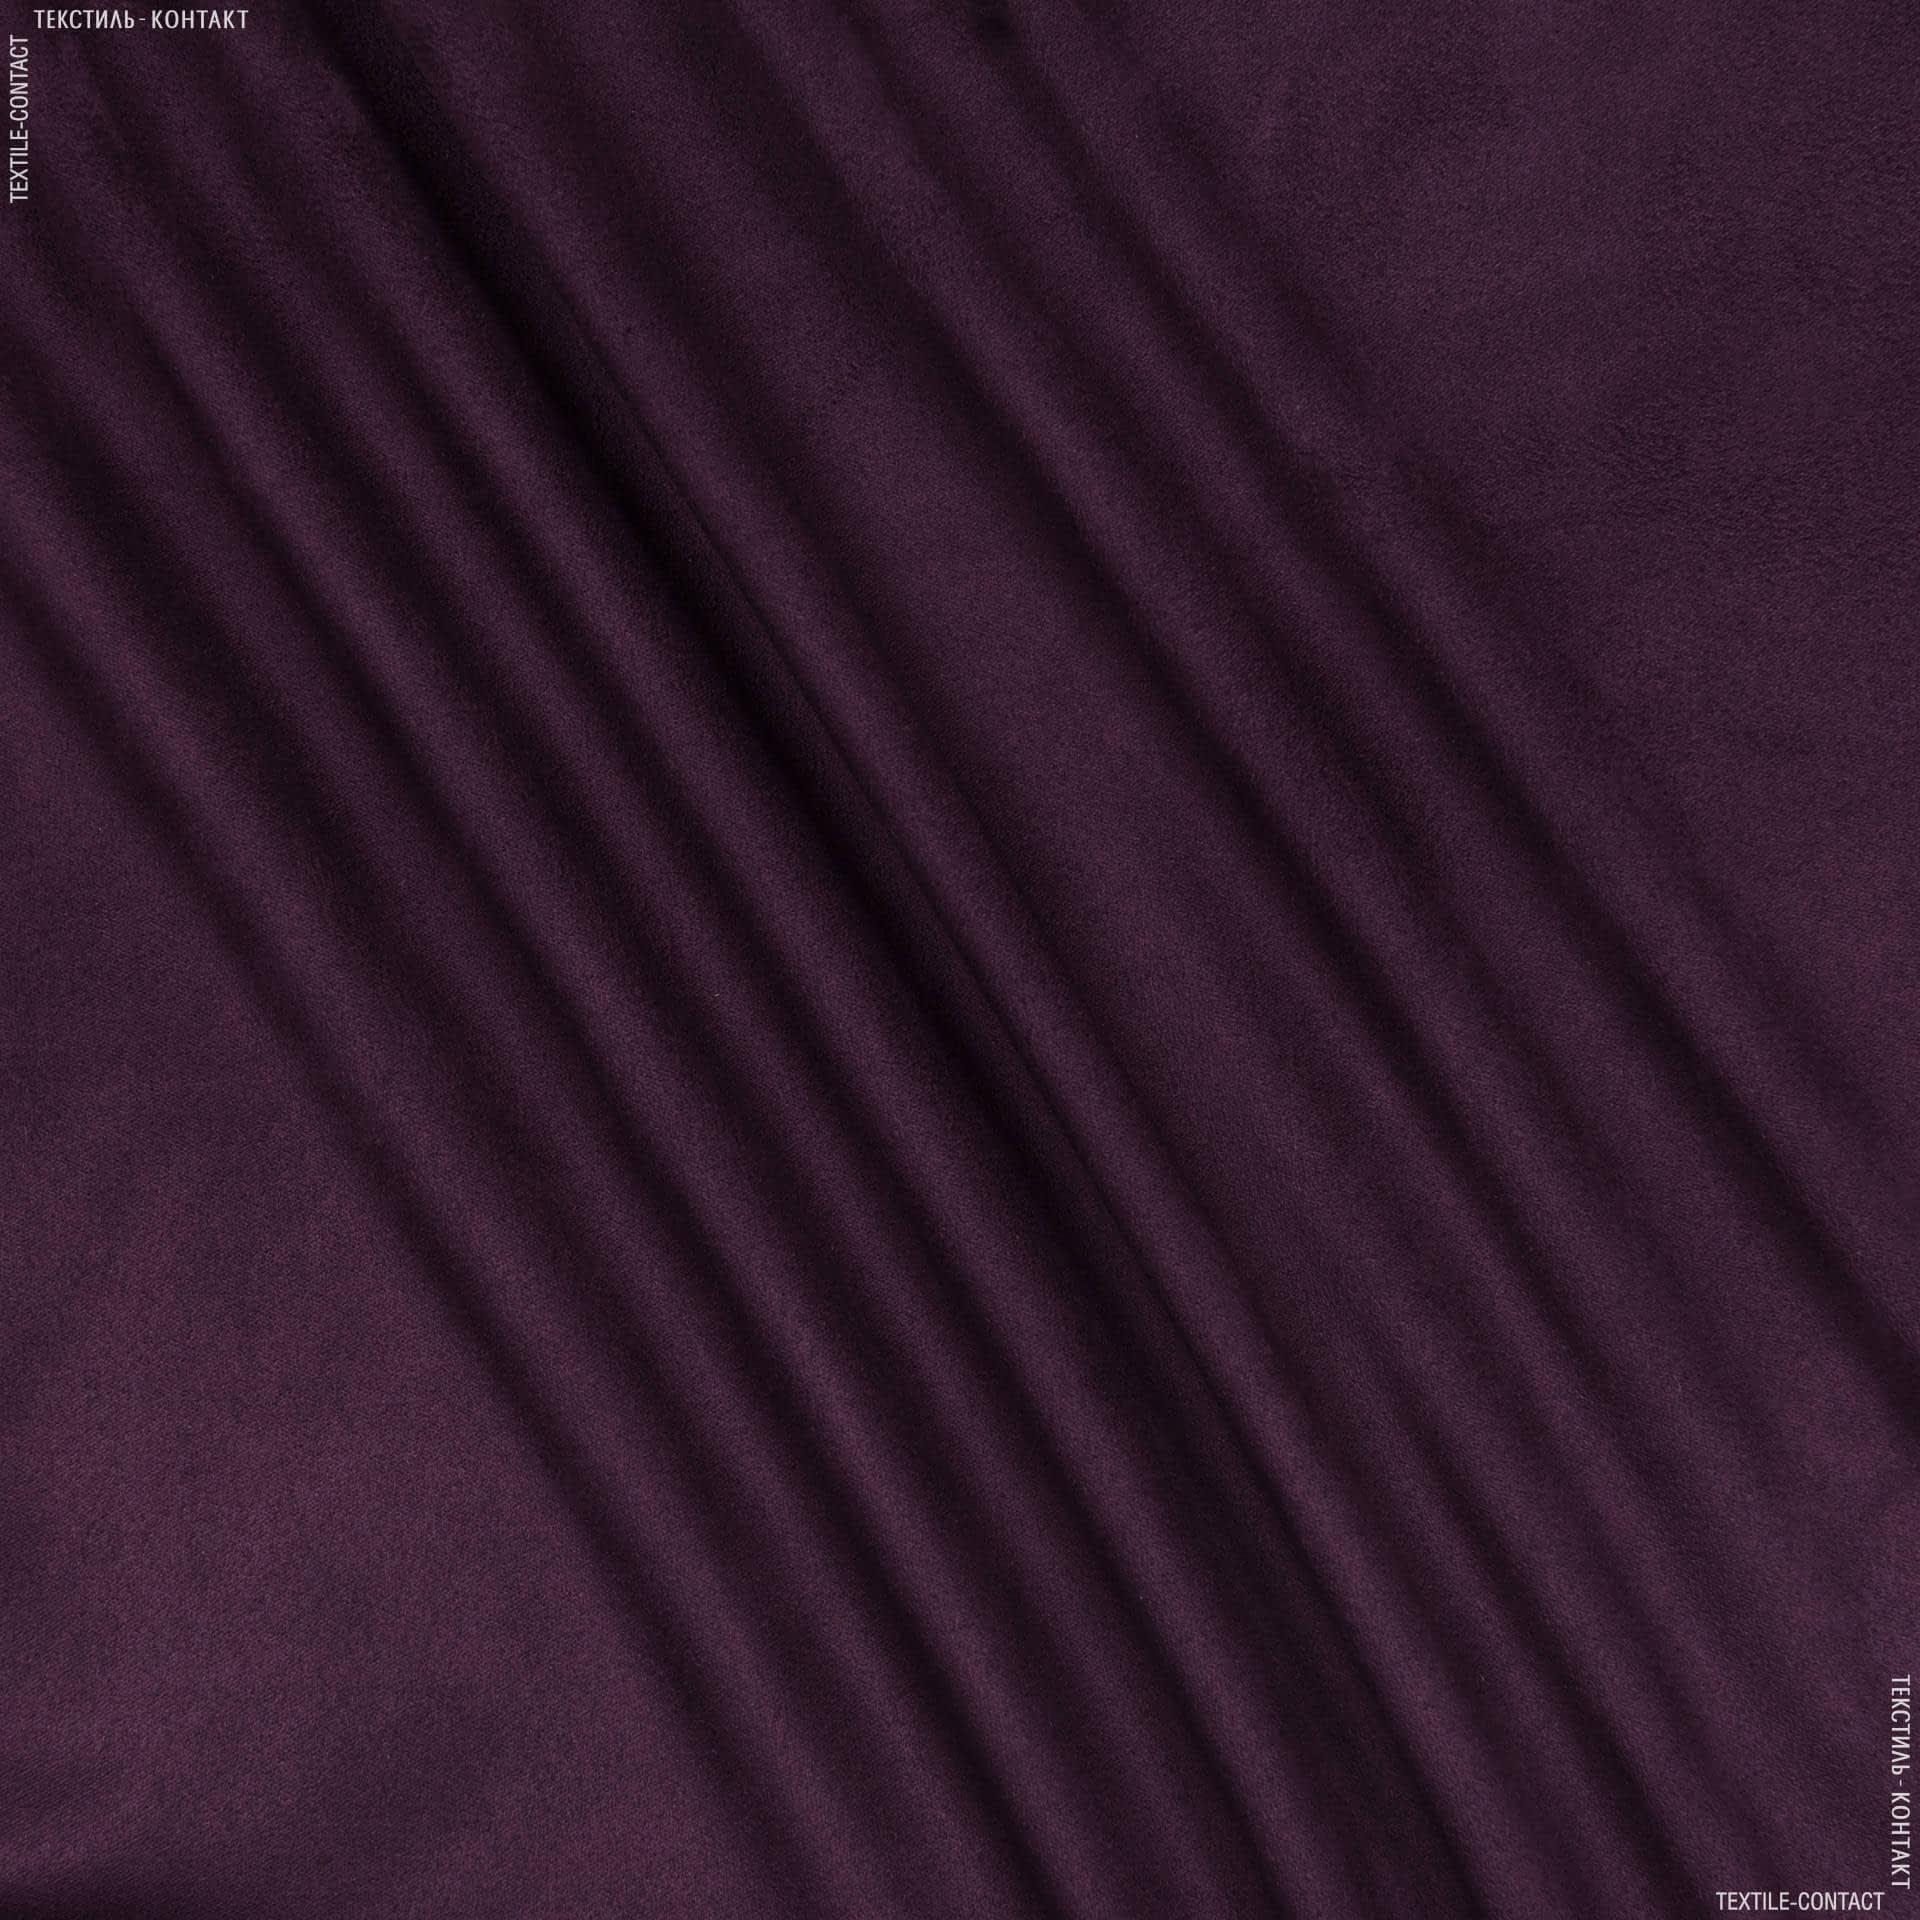 Тканини для штанів - Замша стрейч двостороння фіолетовий